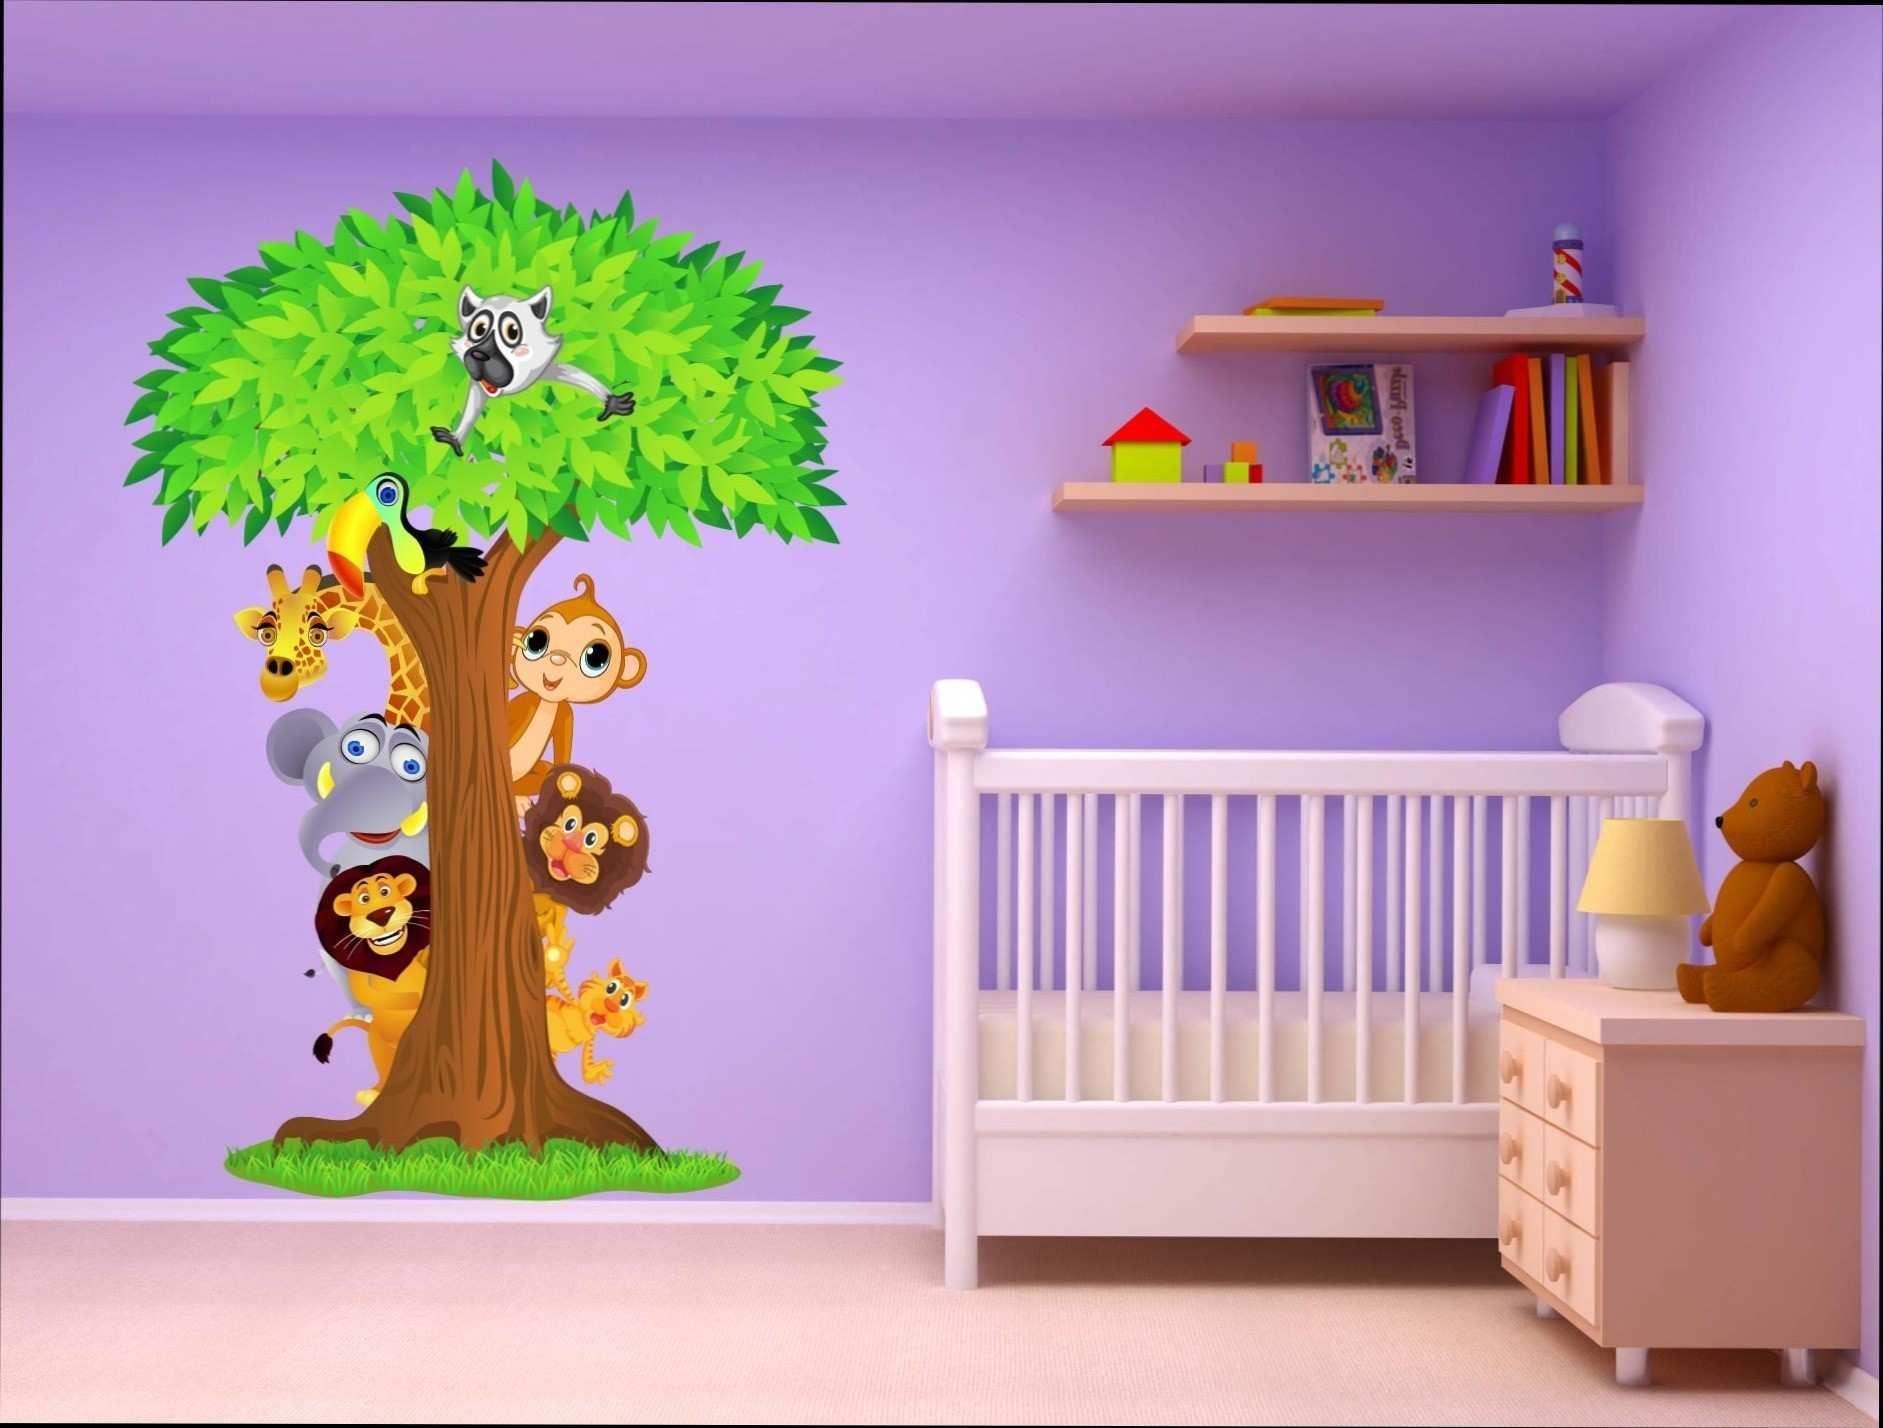 Lit Bébé Quax Agréable Stickers Pour Chambre Bébé Bon Chambre B Fille Lit Cododo L Gant